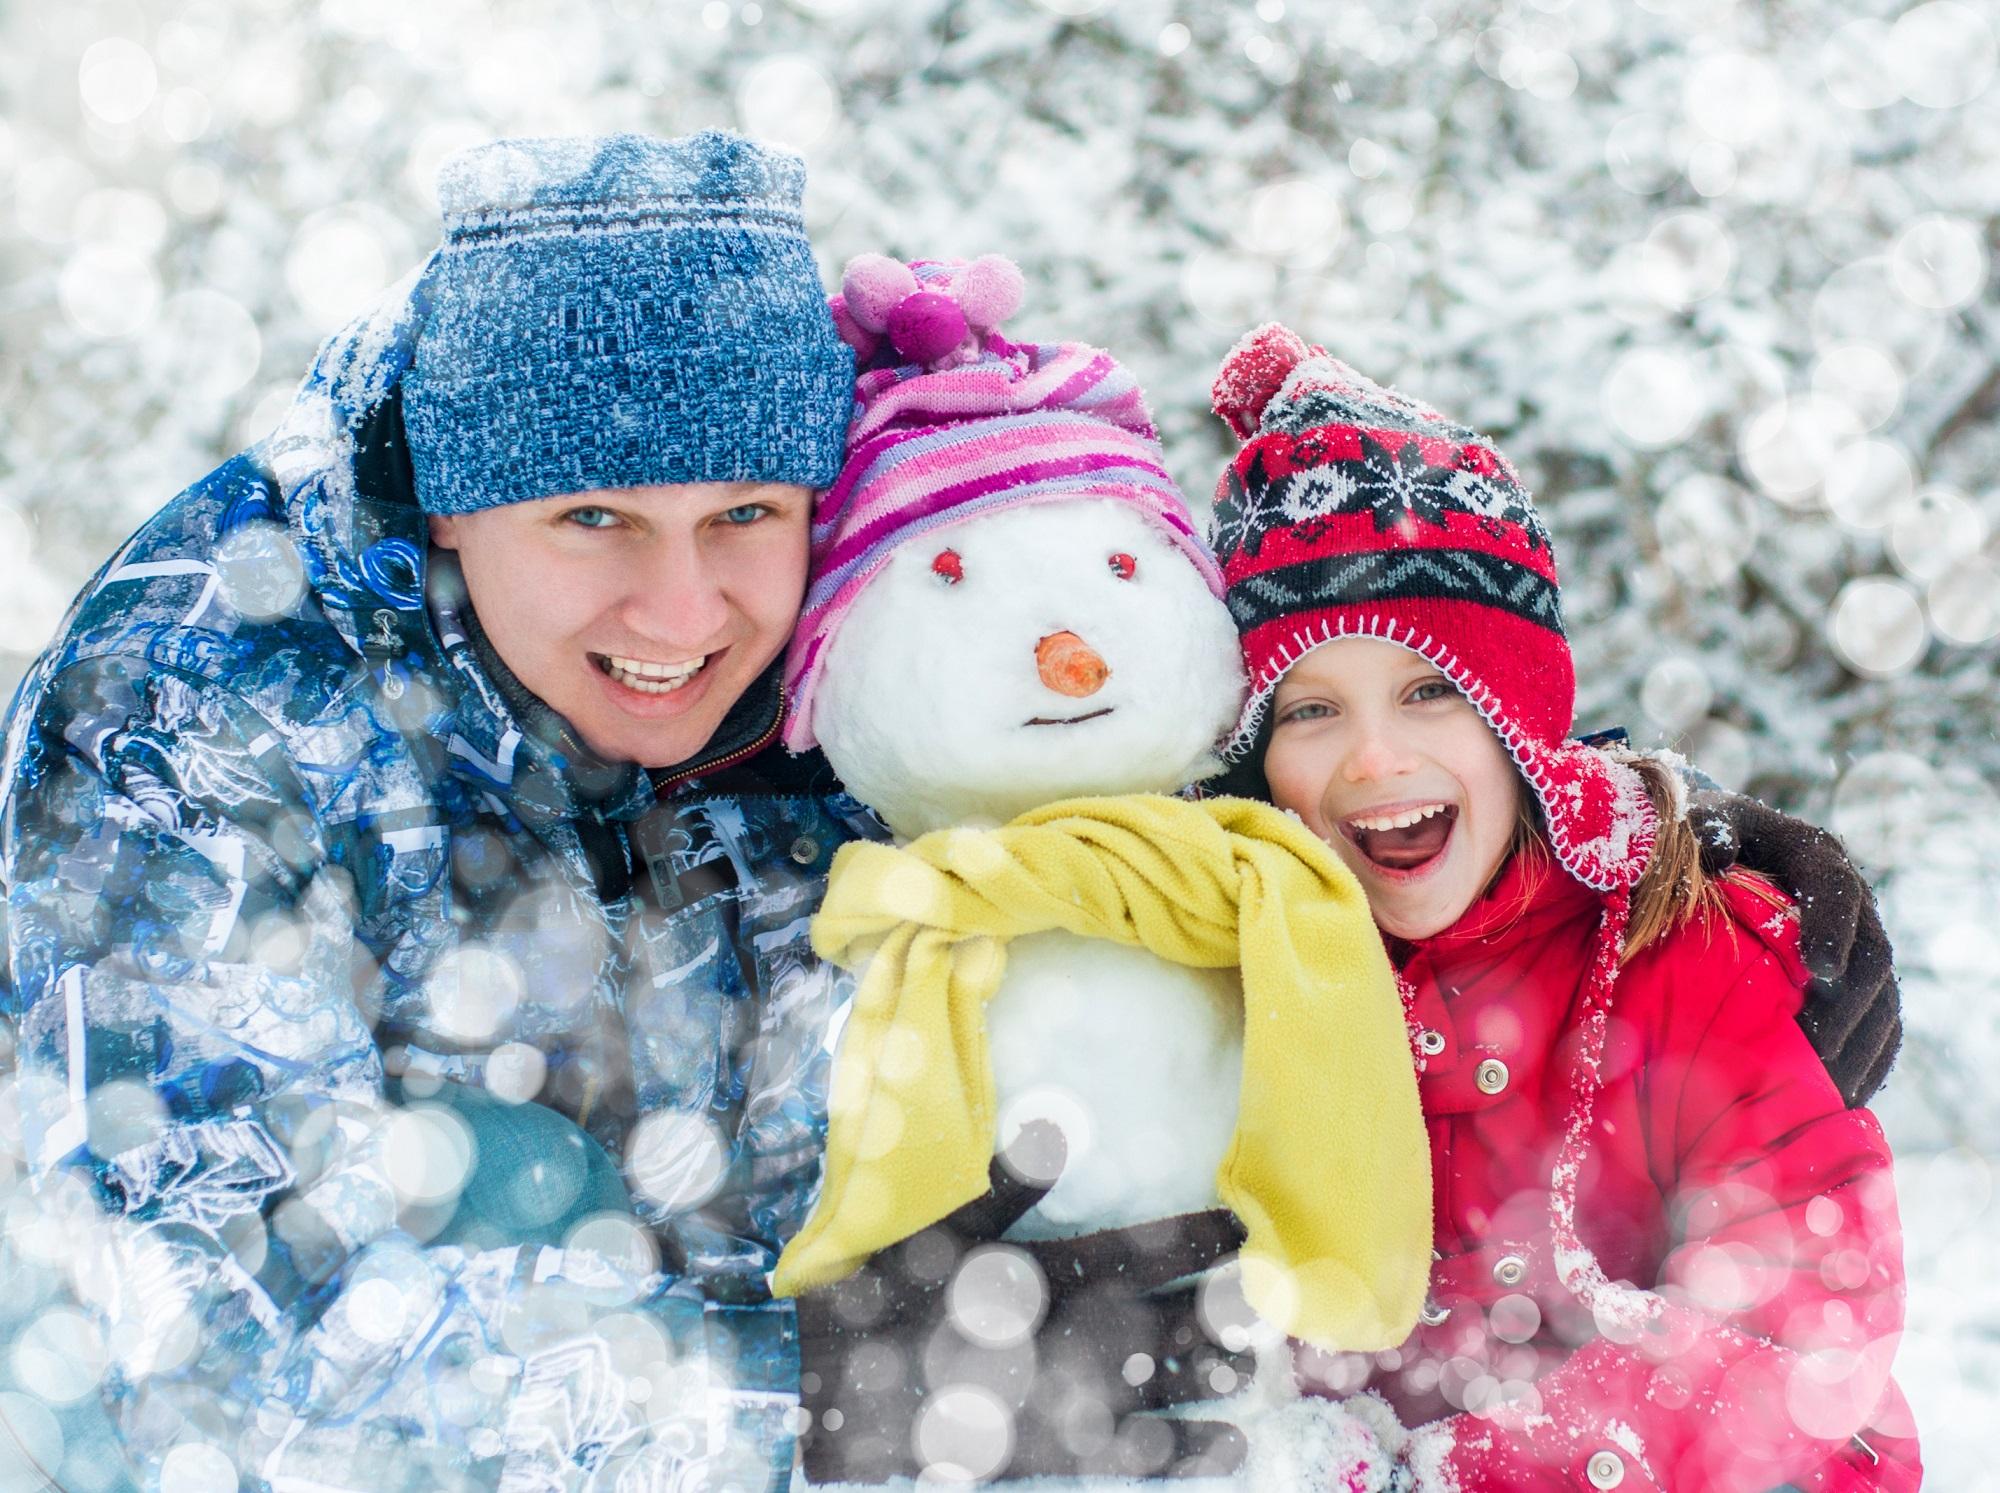 Календарь зимних праздников 2018 года. Источник фото: Shutterstock